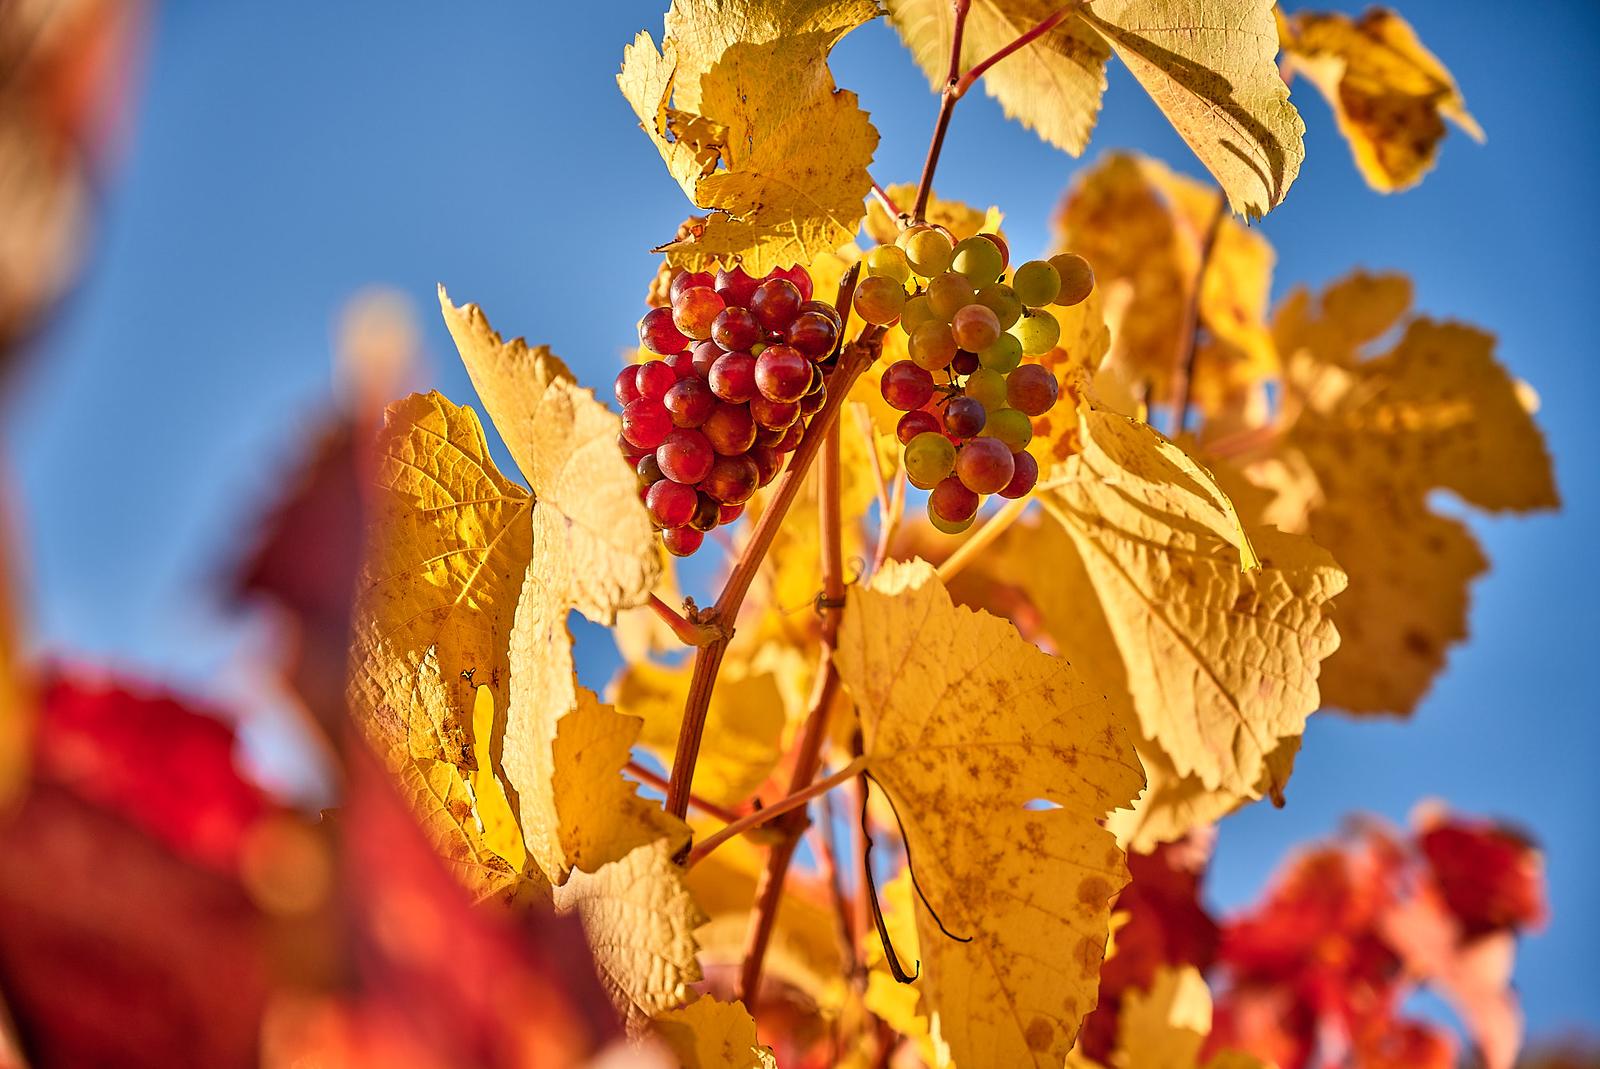 (Wein)Genuss hat viele schöne Ansichten Foto: © Achim Meurer www.achimmeurer.com